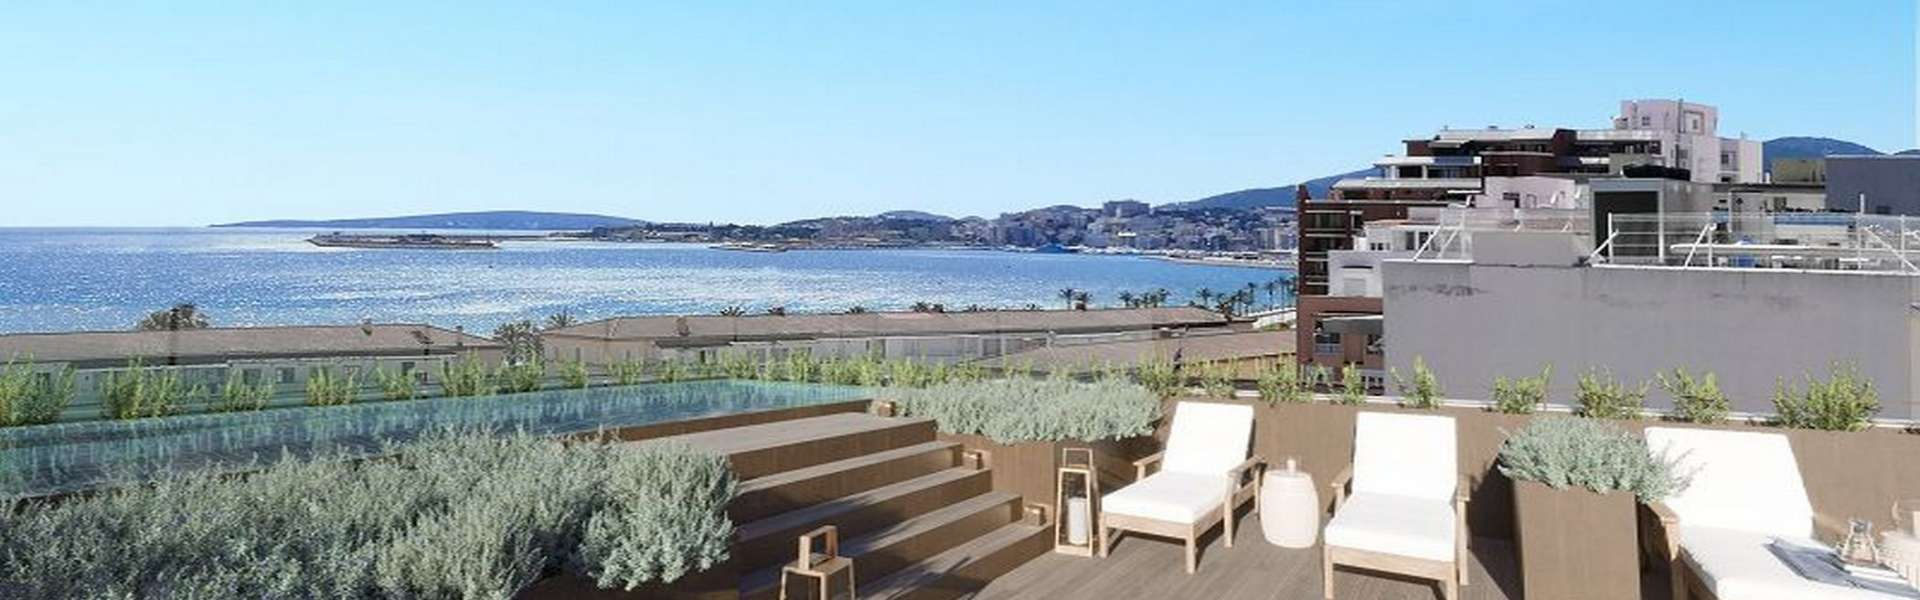 Palma/Nou Llevant - Neubauapartments mit Meerblick